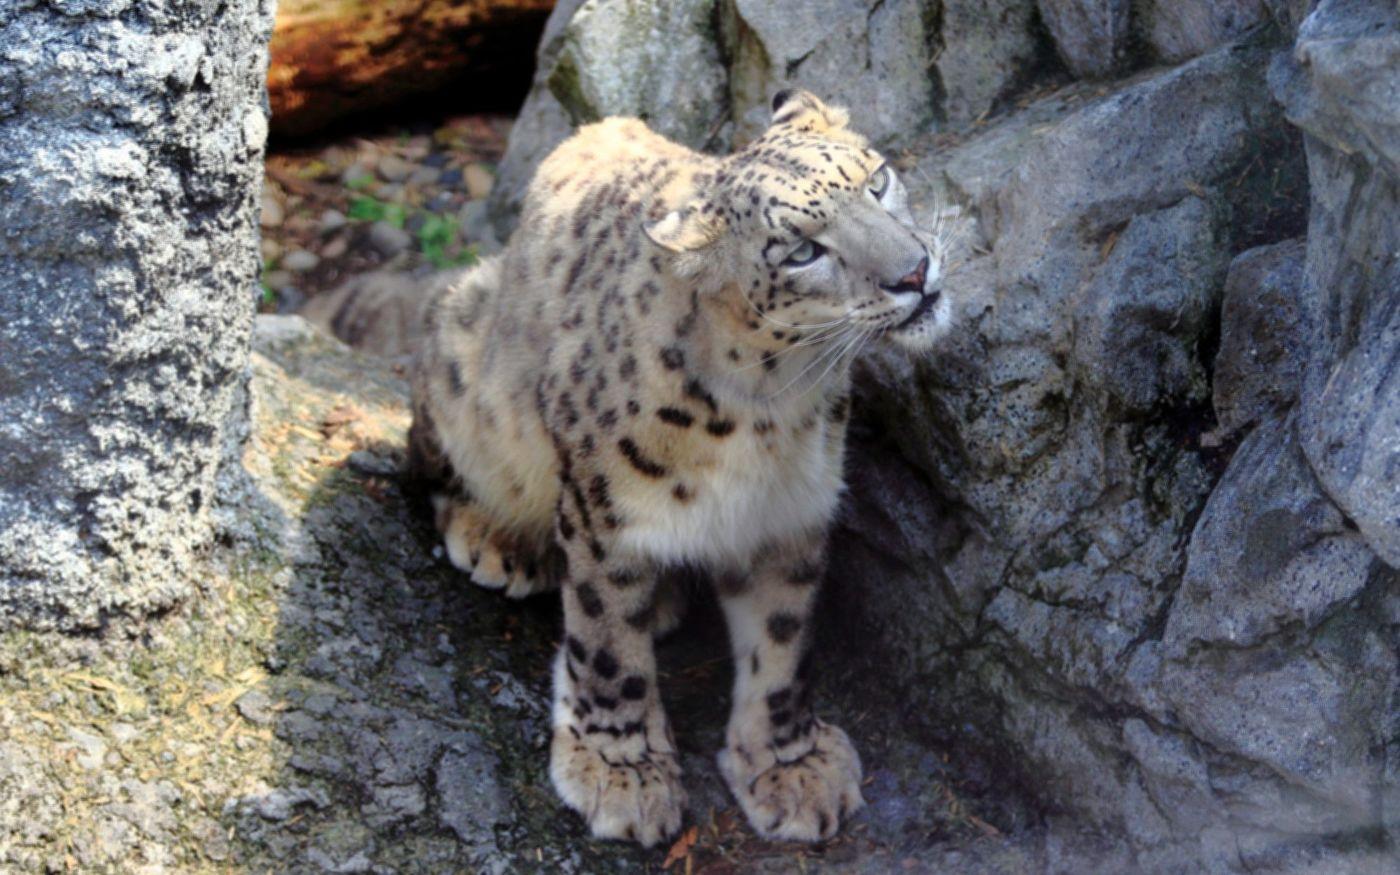 動物園の楽しさ倍増!行くと会える人気動物から珍獣まで大紹介!の画像